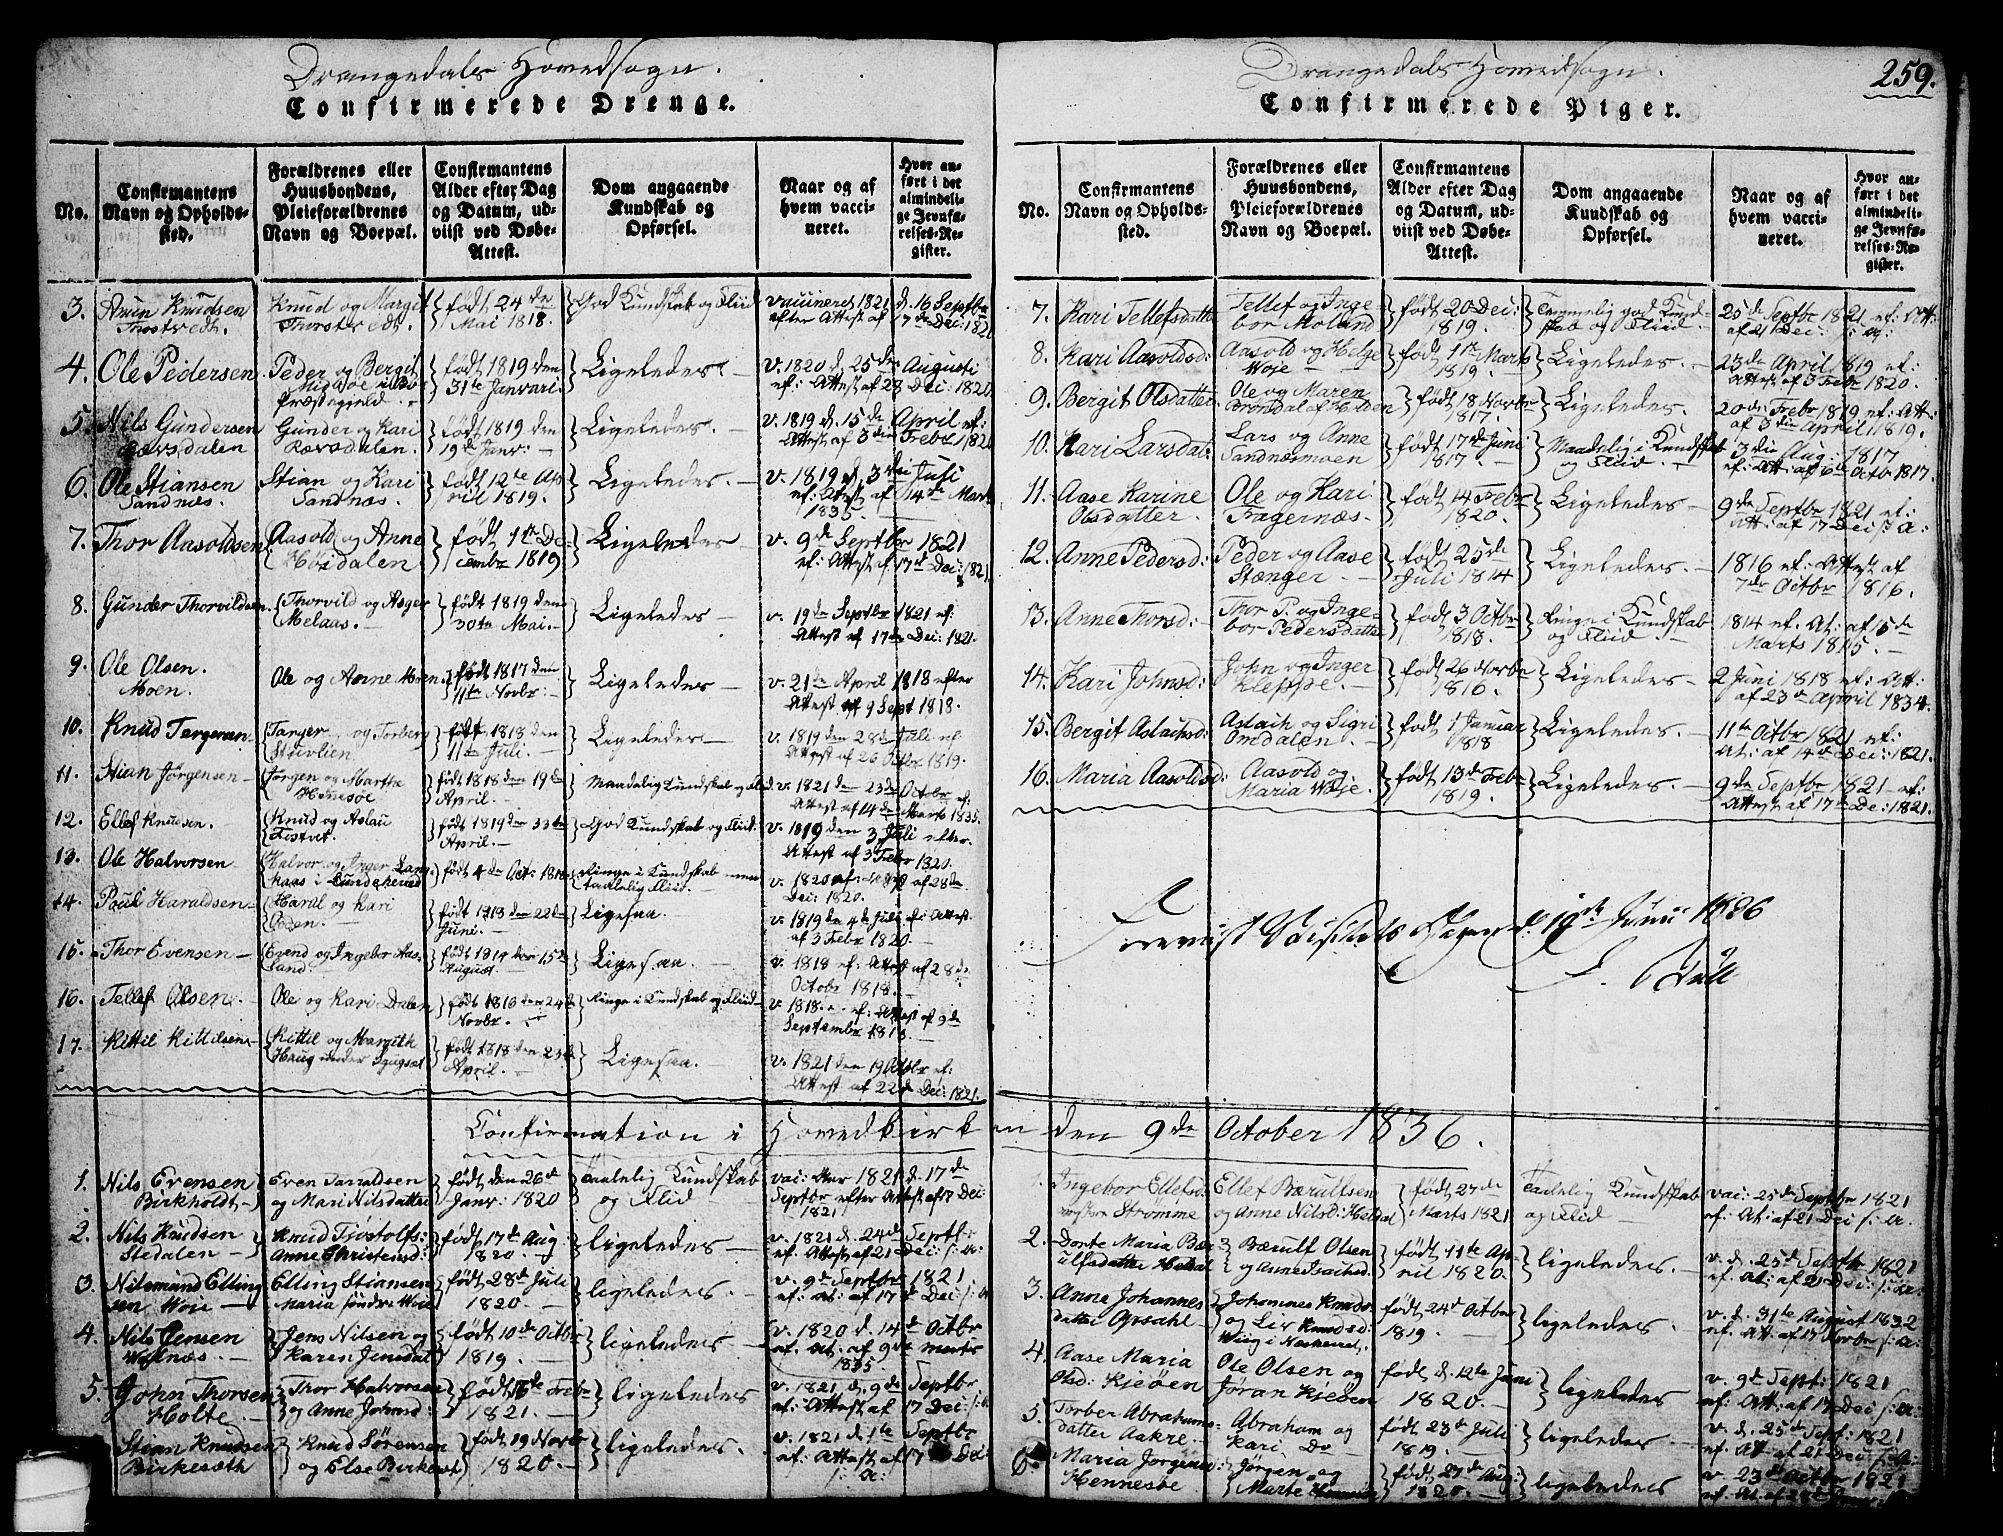 SAKO, Drangedal kirkebøker, G/Ga/L0001: Klokkerbok nr. I 1 /1, 1814-1856, s. 259